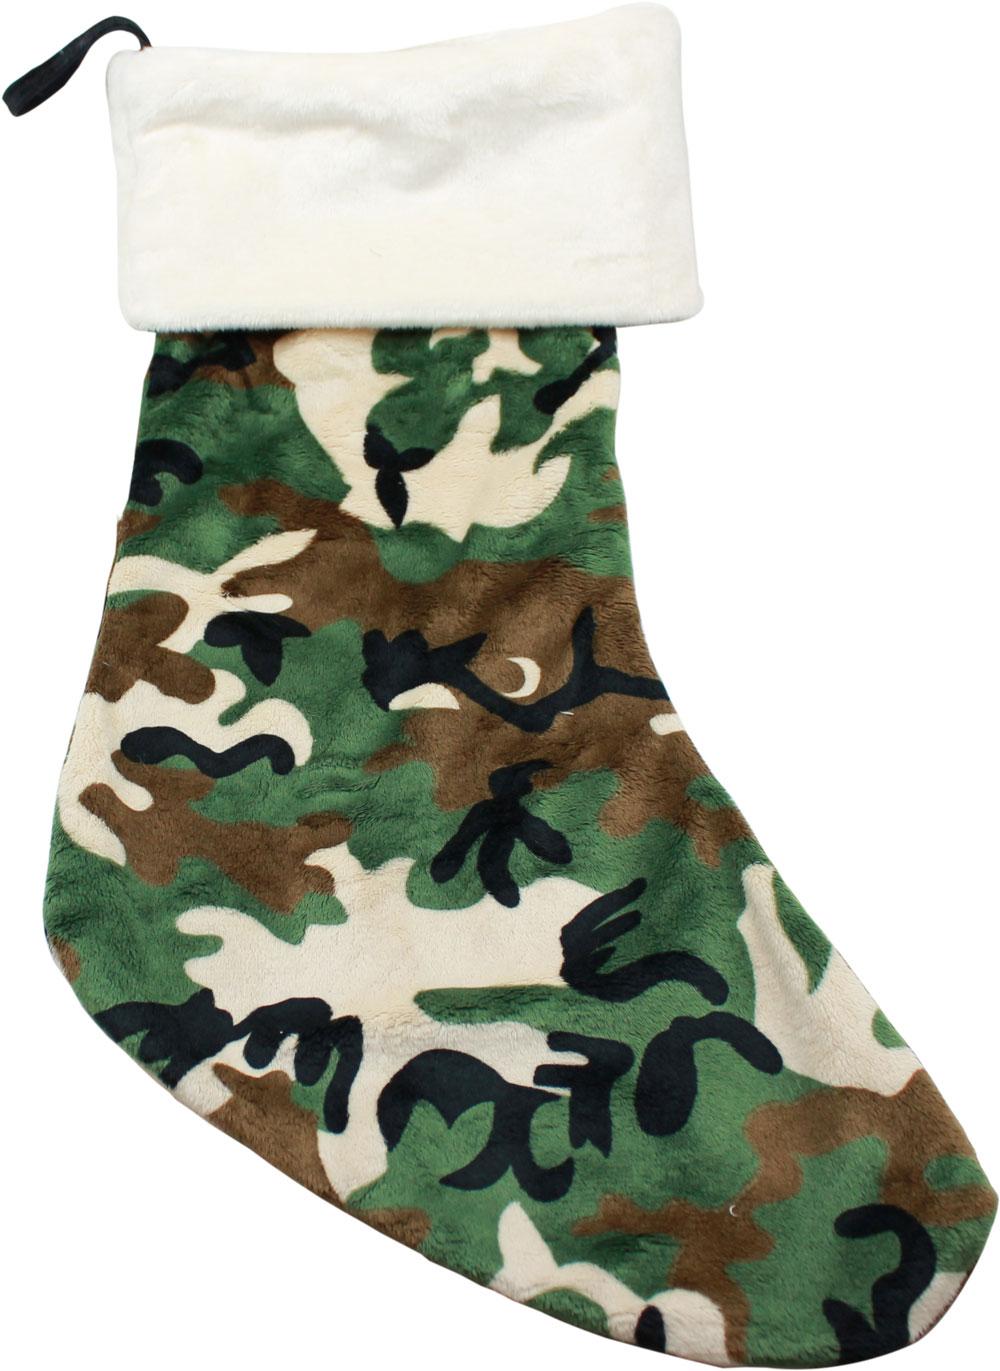 green camo christmas stocking - Camo Christmas Stocking